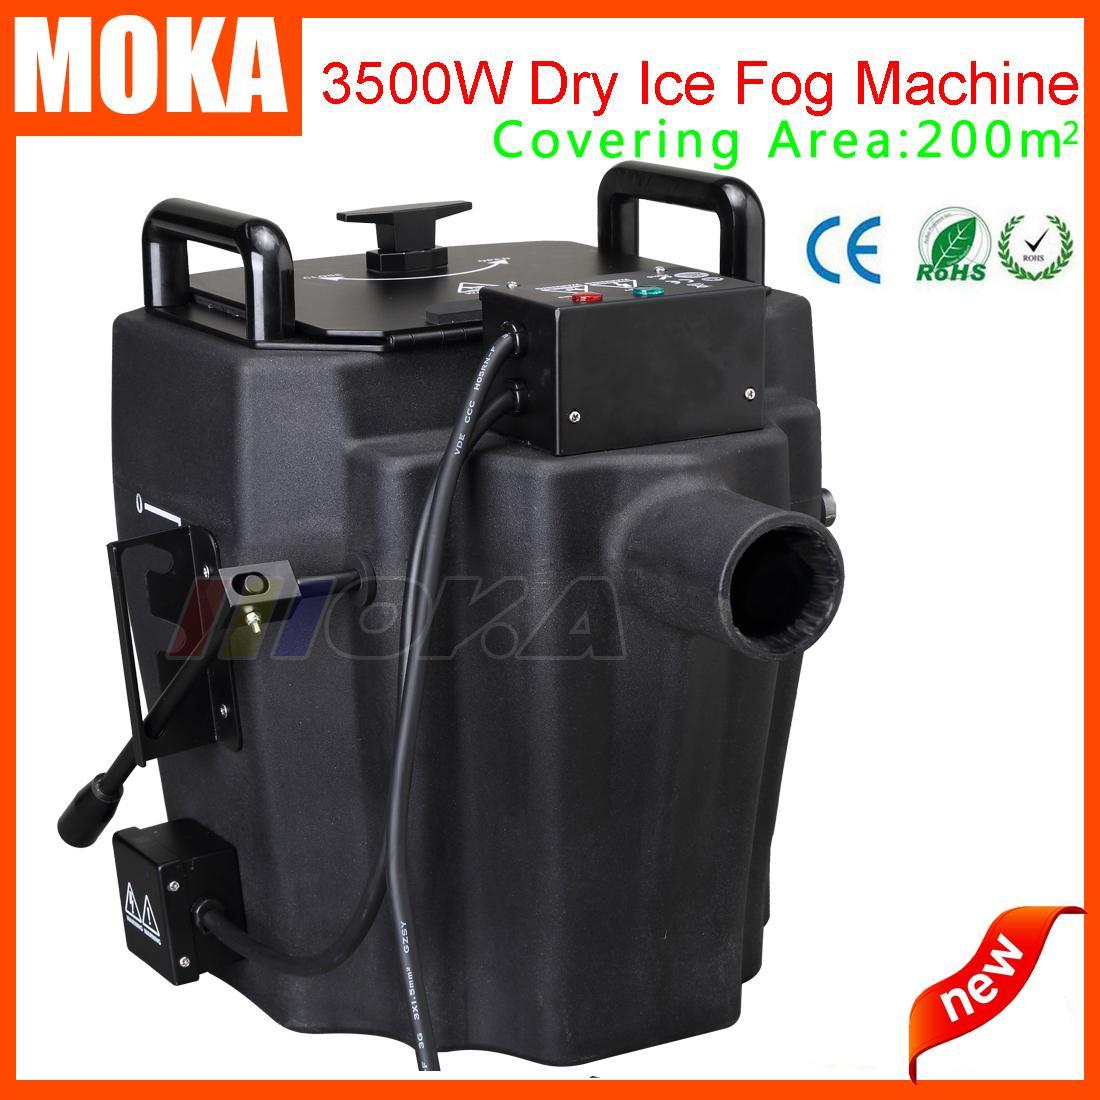 How to make dry ice fog last longer